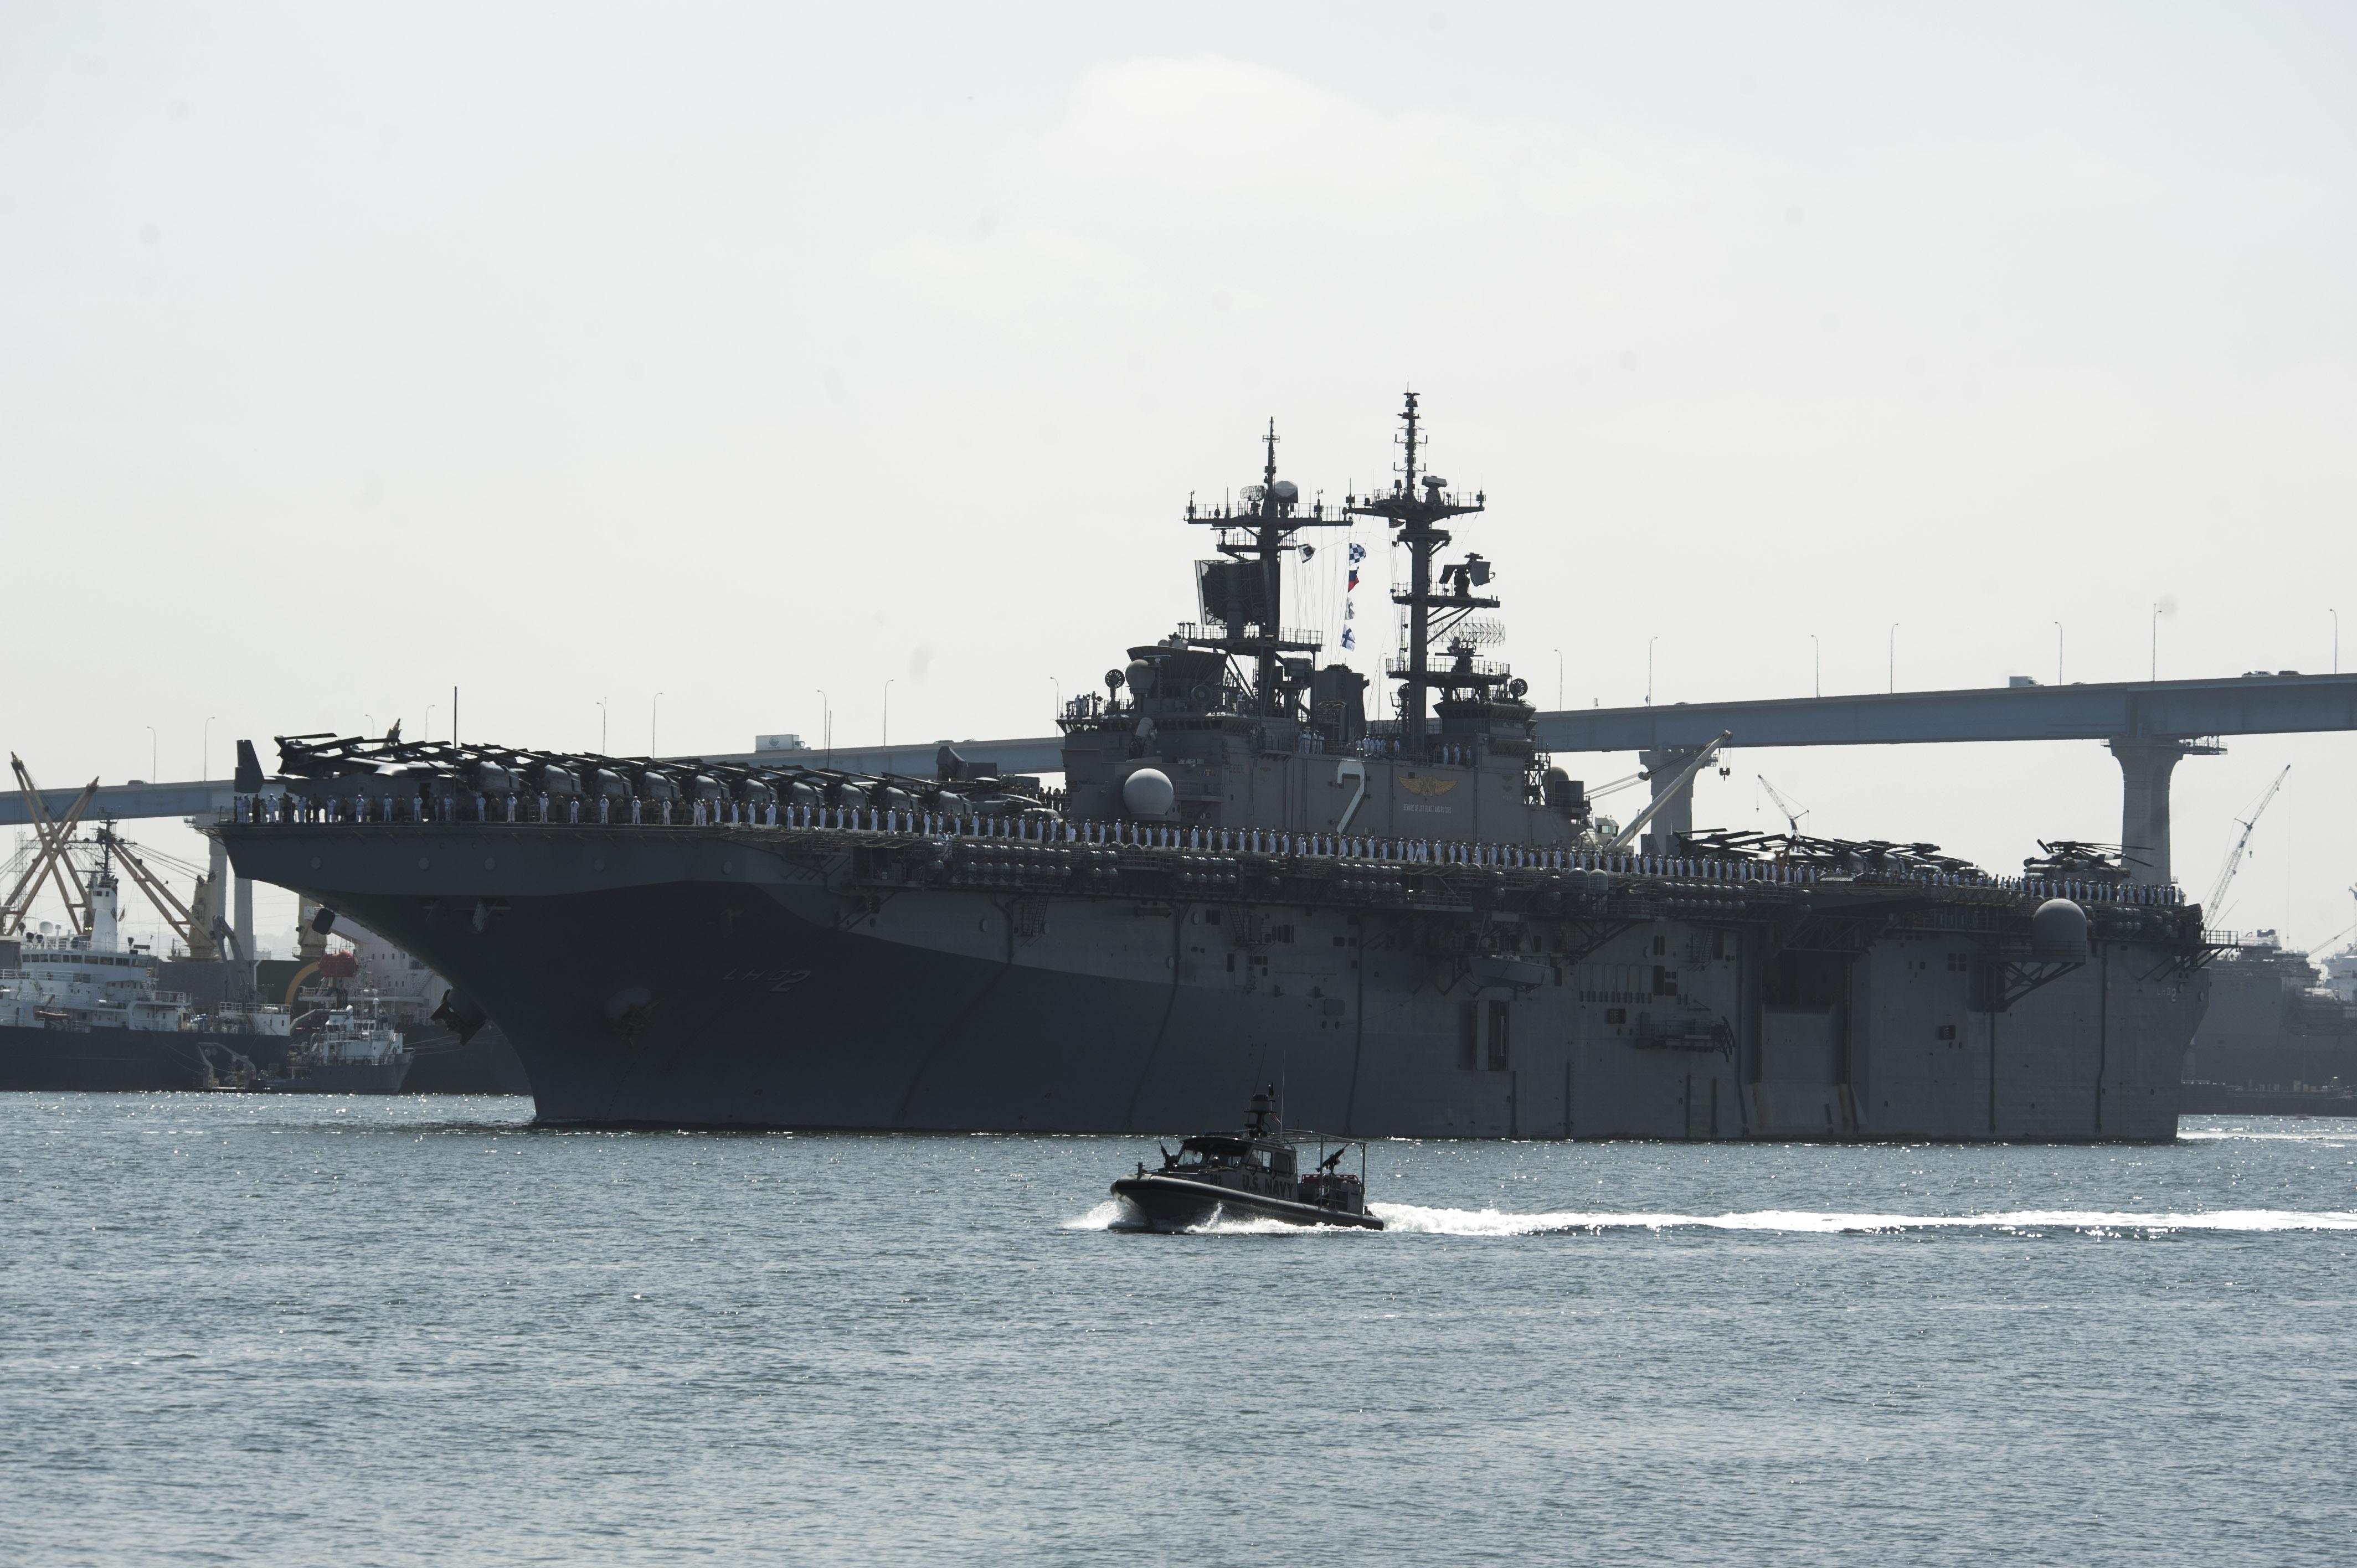 USS ESSEX LHD-2 Auslaufen San Diego am 11.05.2015 Bild: U.S. Navy